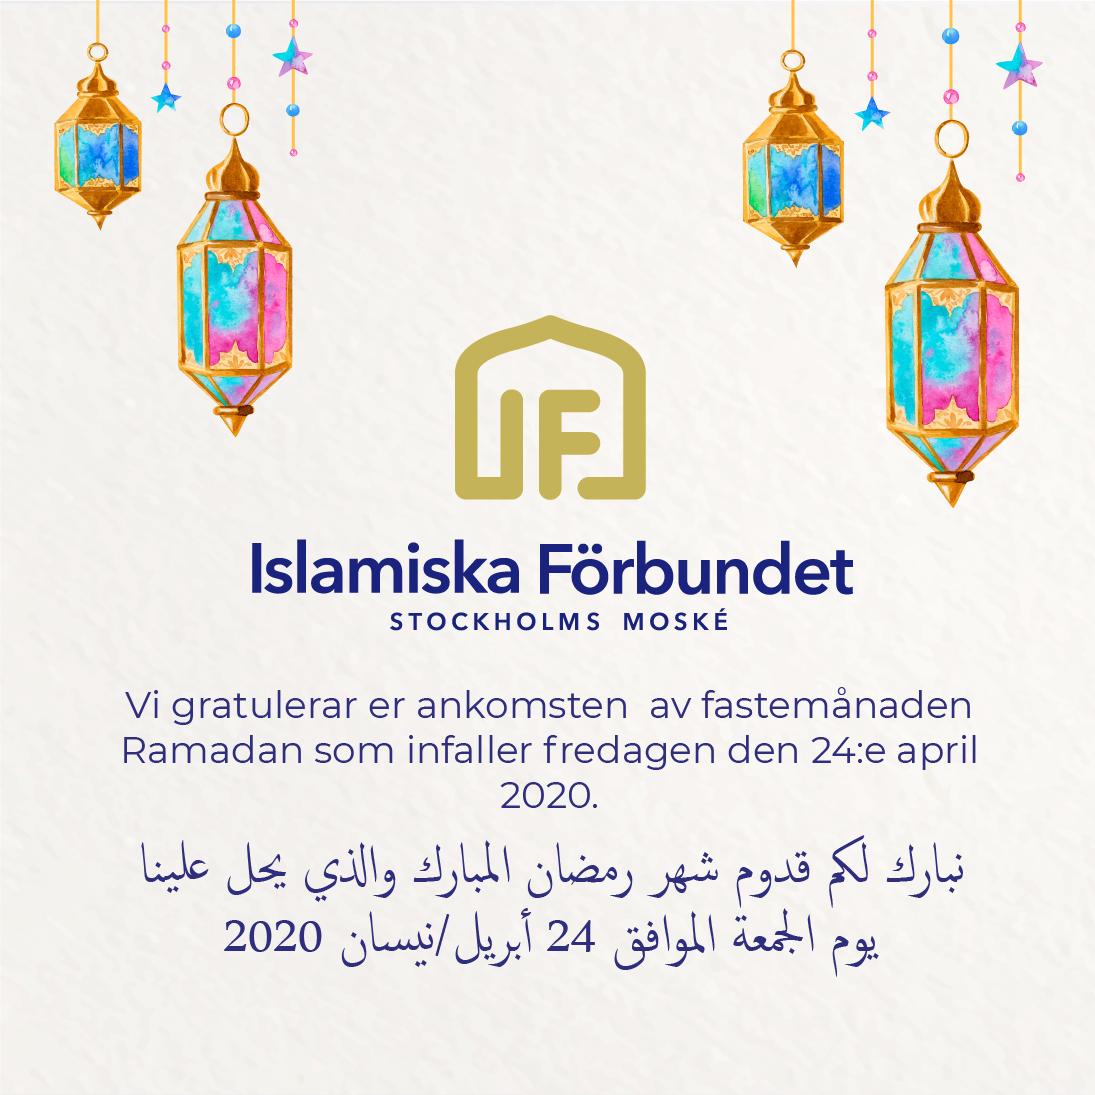 Ramadans första dag är Fredag 24 april 2020